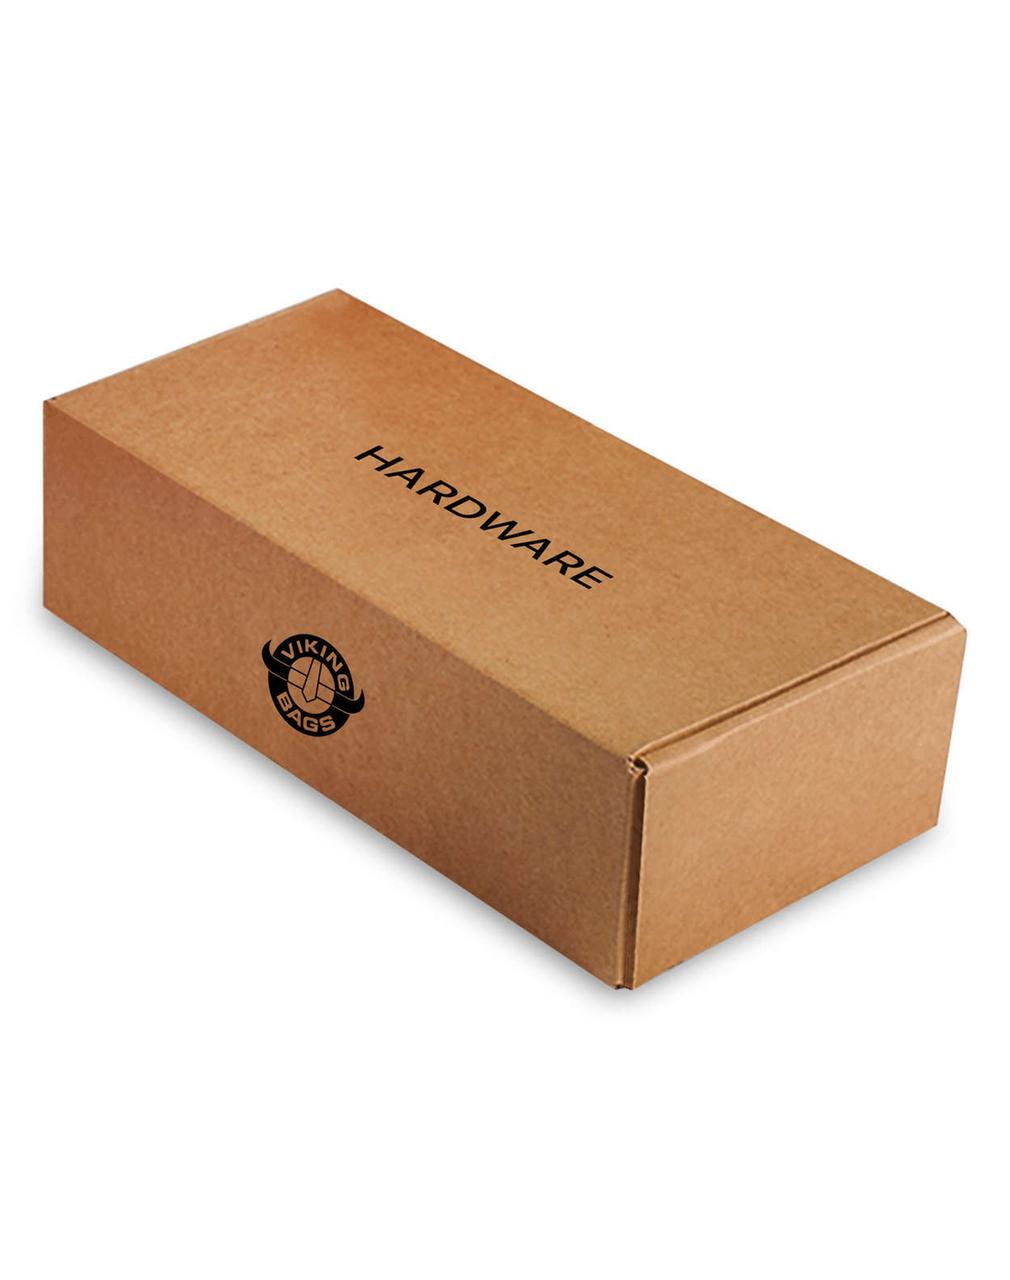 Honda VTX 1800 F Charger Slanted Studded M Motorcycle Saddlebags Hardware Box